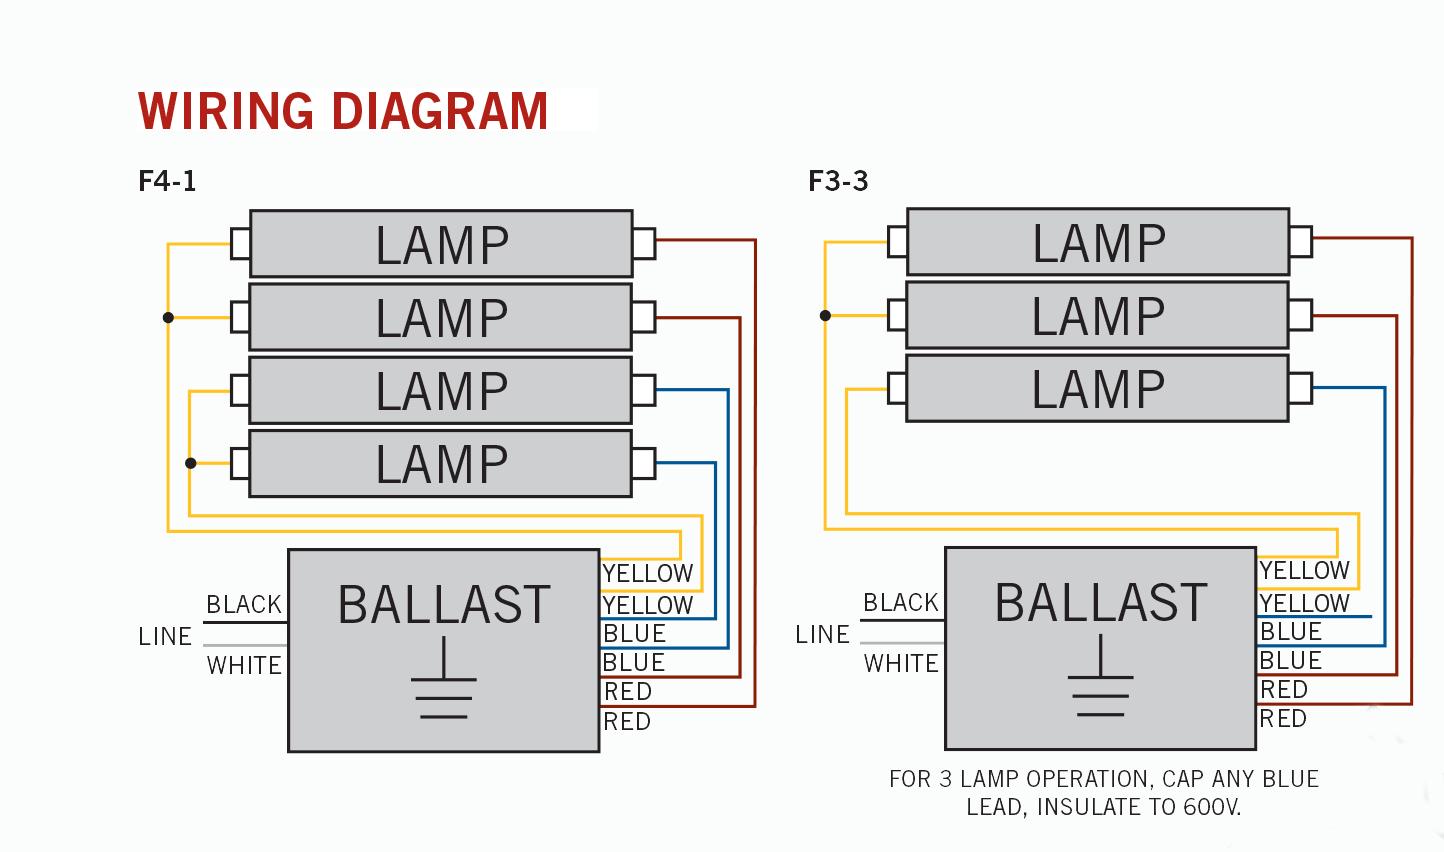 GR_0872] Wiring A 4 Lamp Ballast For 3 Lamps Wiring Diagram | Ho 4 Bulb Ballast Wiring Diagram |  | Garna Inki Kicep Mohammedshrine Librar Wiring 101